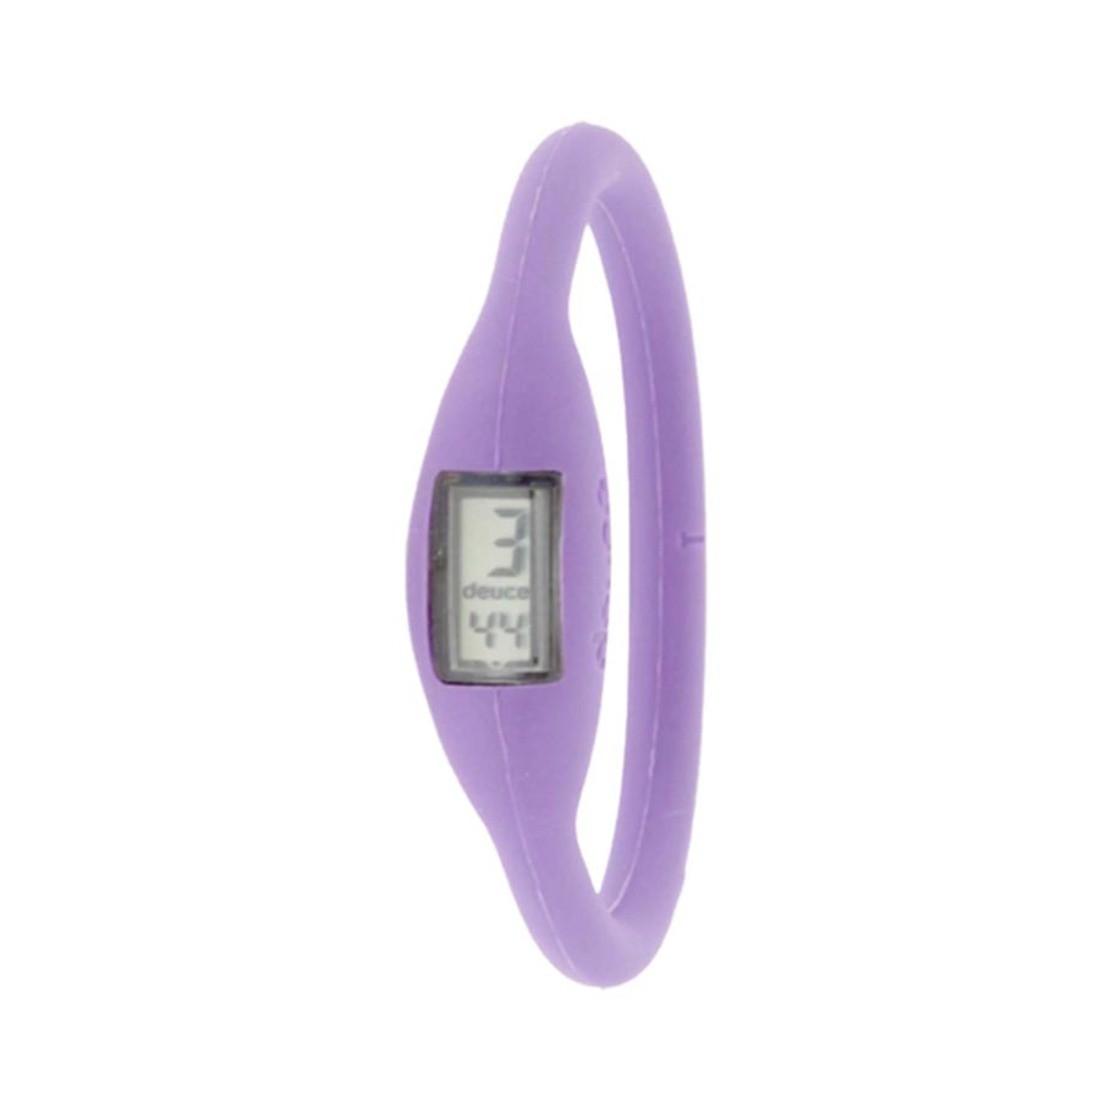 ウォッチ 時計 紫 パープル 【 WATCH PURPLE DEUCE BRAND ORIGINAL 】 腕時計 メンズ腕時計